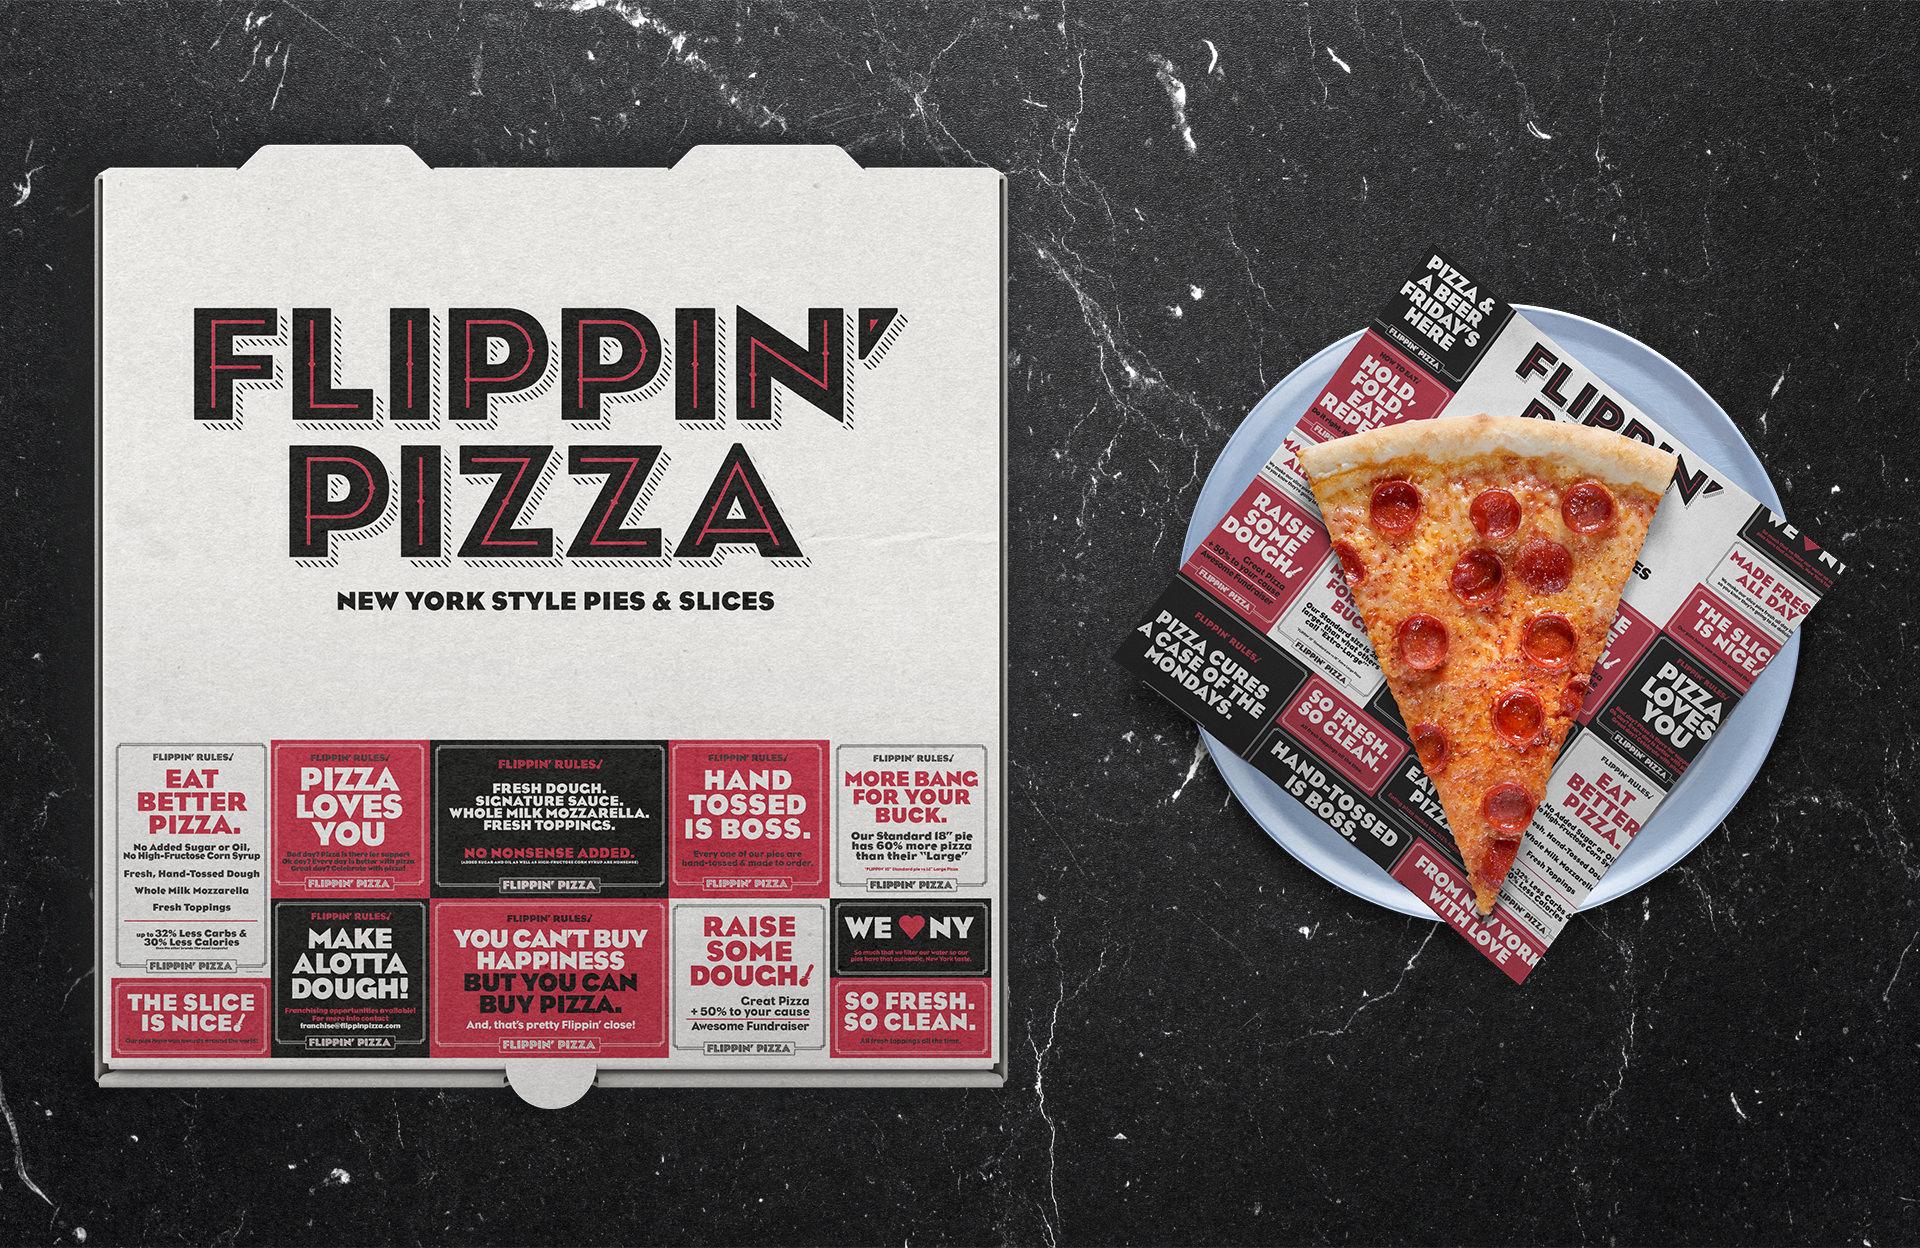 Valhalla-FlippinPizza-PizzaBox-SliceSheet